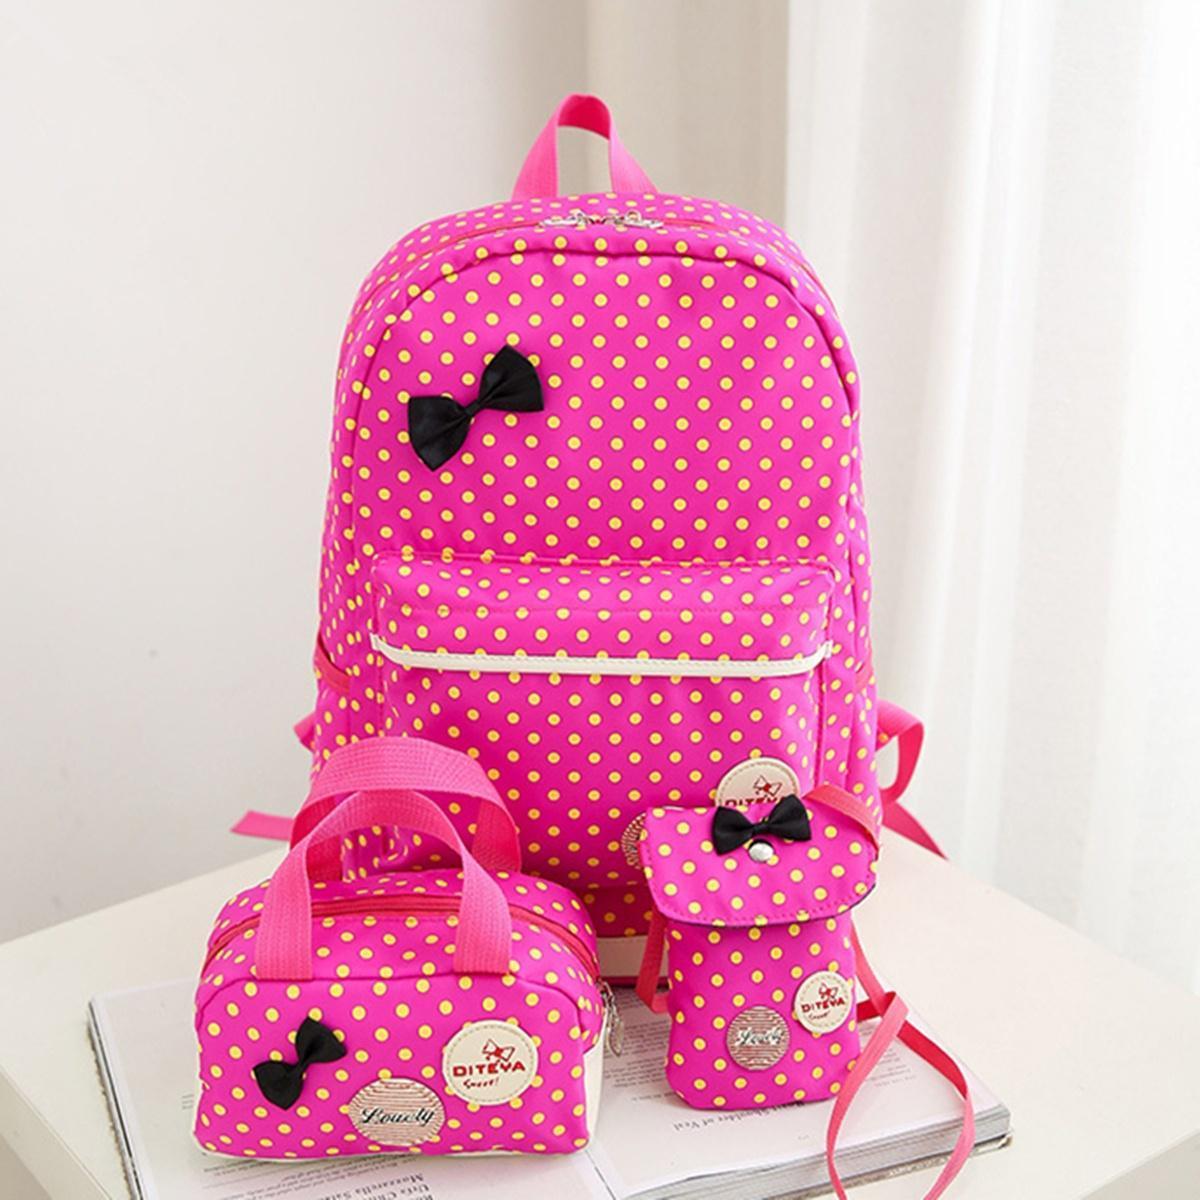 Стильный набор в горошек с бантиком, рюкзак, сумка чехол